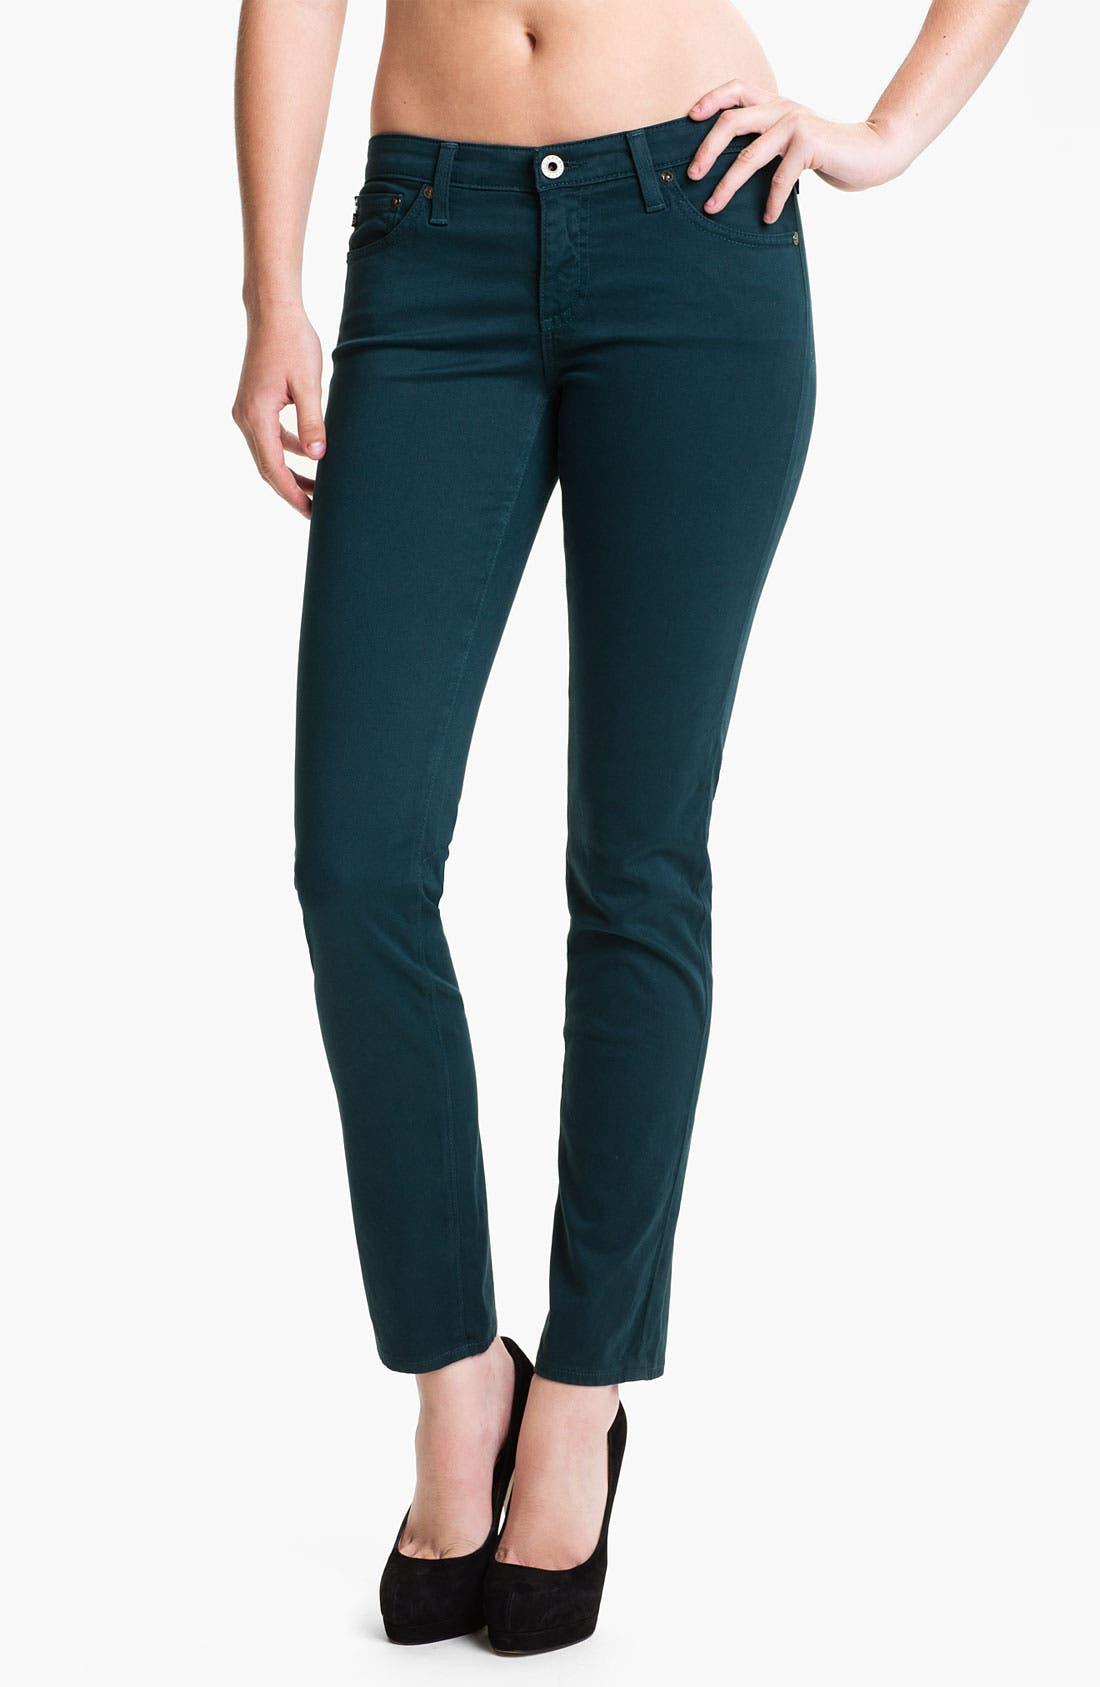 Alternate Image 1 Selected - AG 'Stilt' Skinny Ankle Jeans (Juniper)